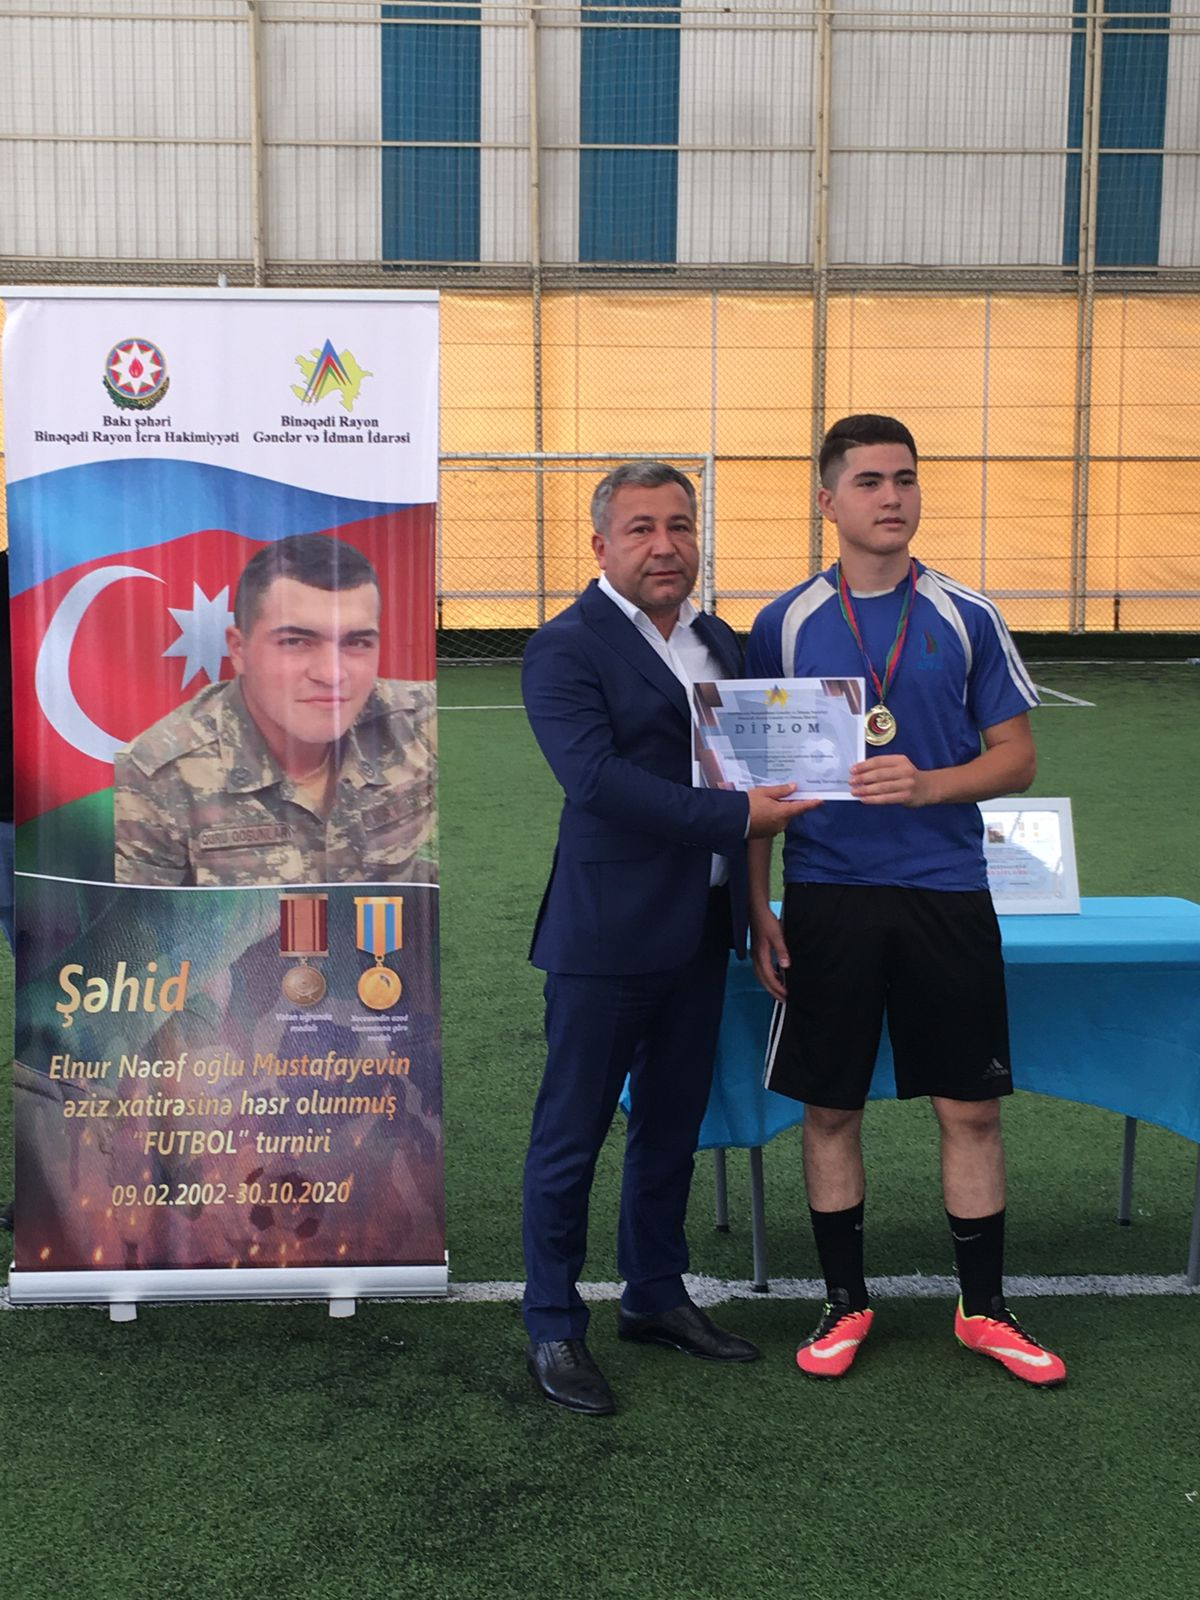 Şəhid Elnur Mustafayevin xatirəsinə futbol turniri keçirilib